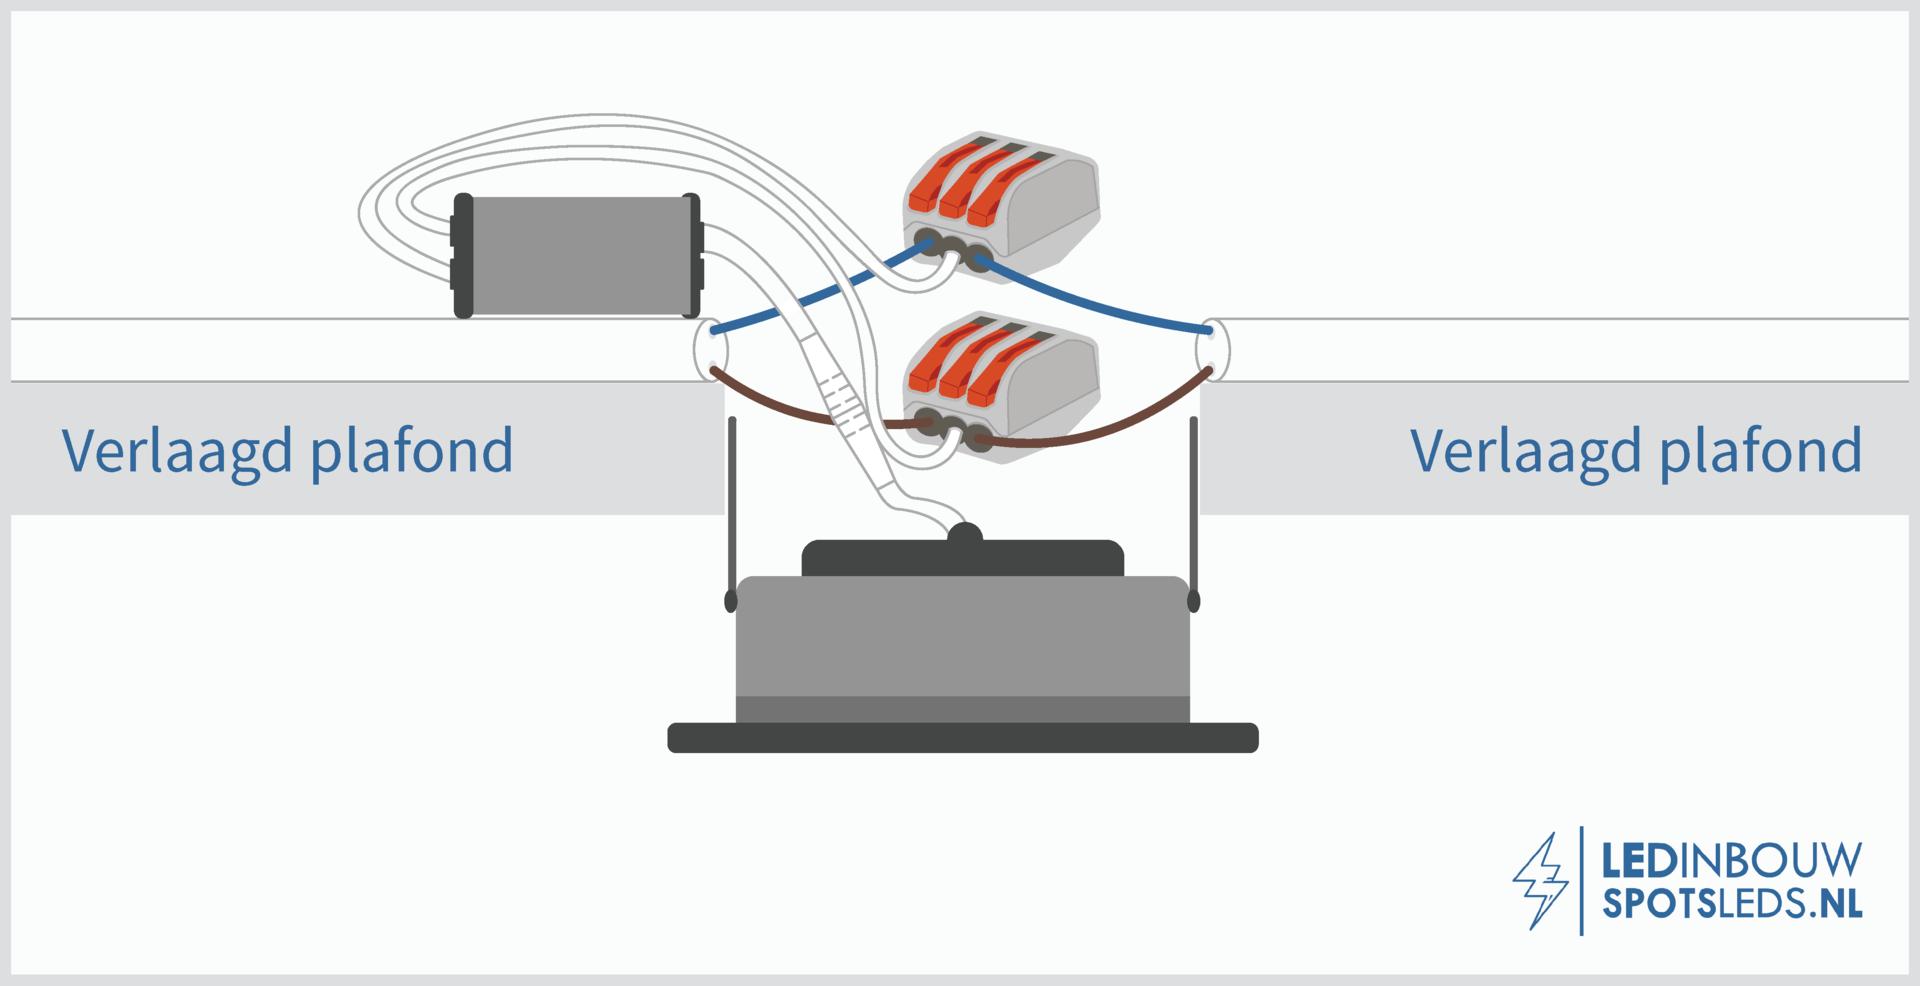 LED inbouwspots installeren - stap 7 externe trafo